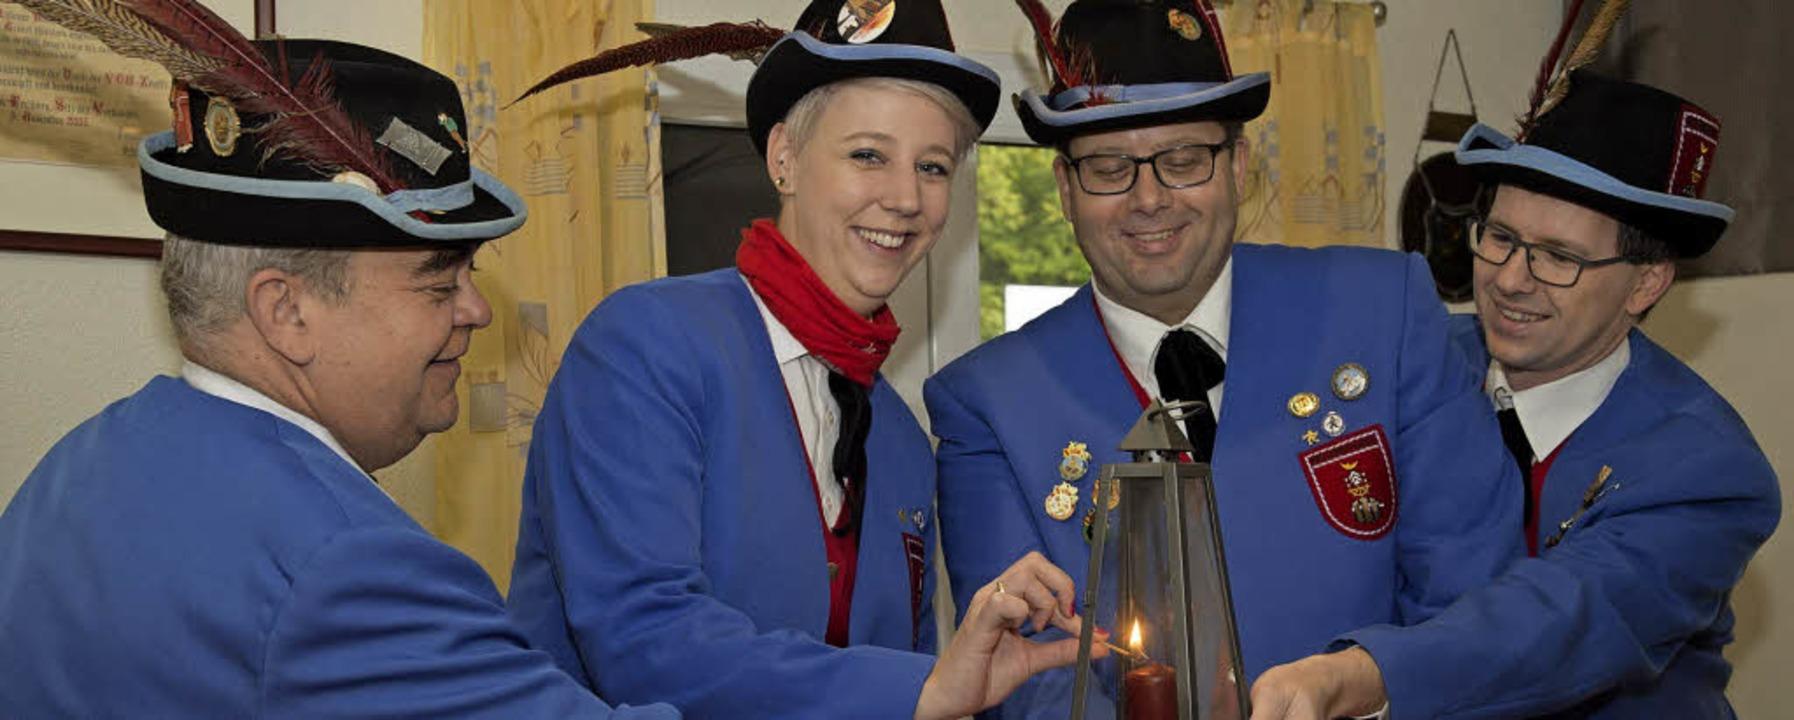 Fasnachtsauftakt in Müllheim: Die Ober...arle, entzündet die närrische Flamme.   | Foto: Volker Münch